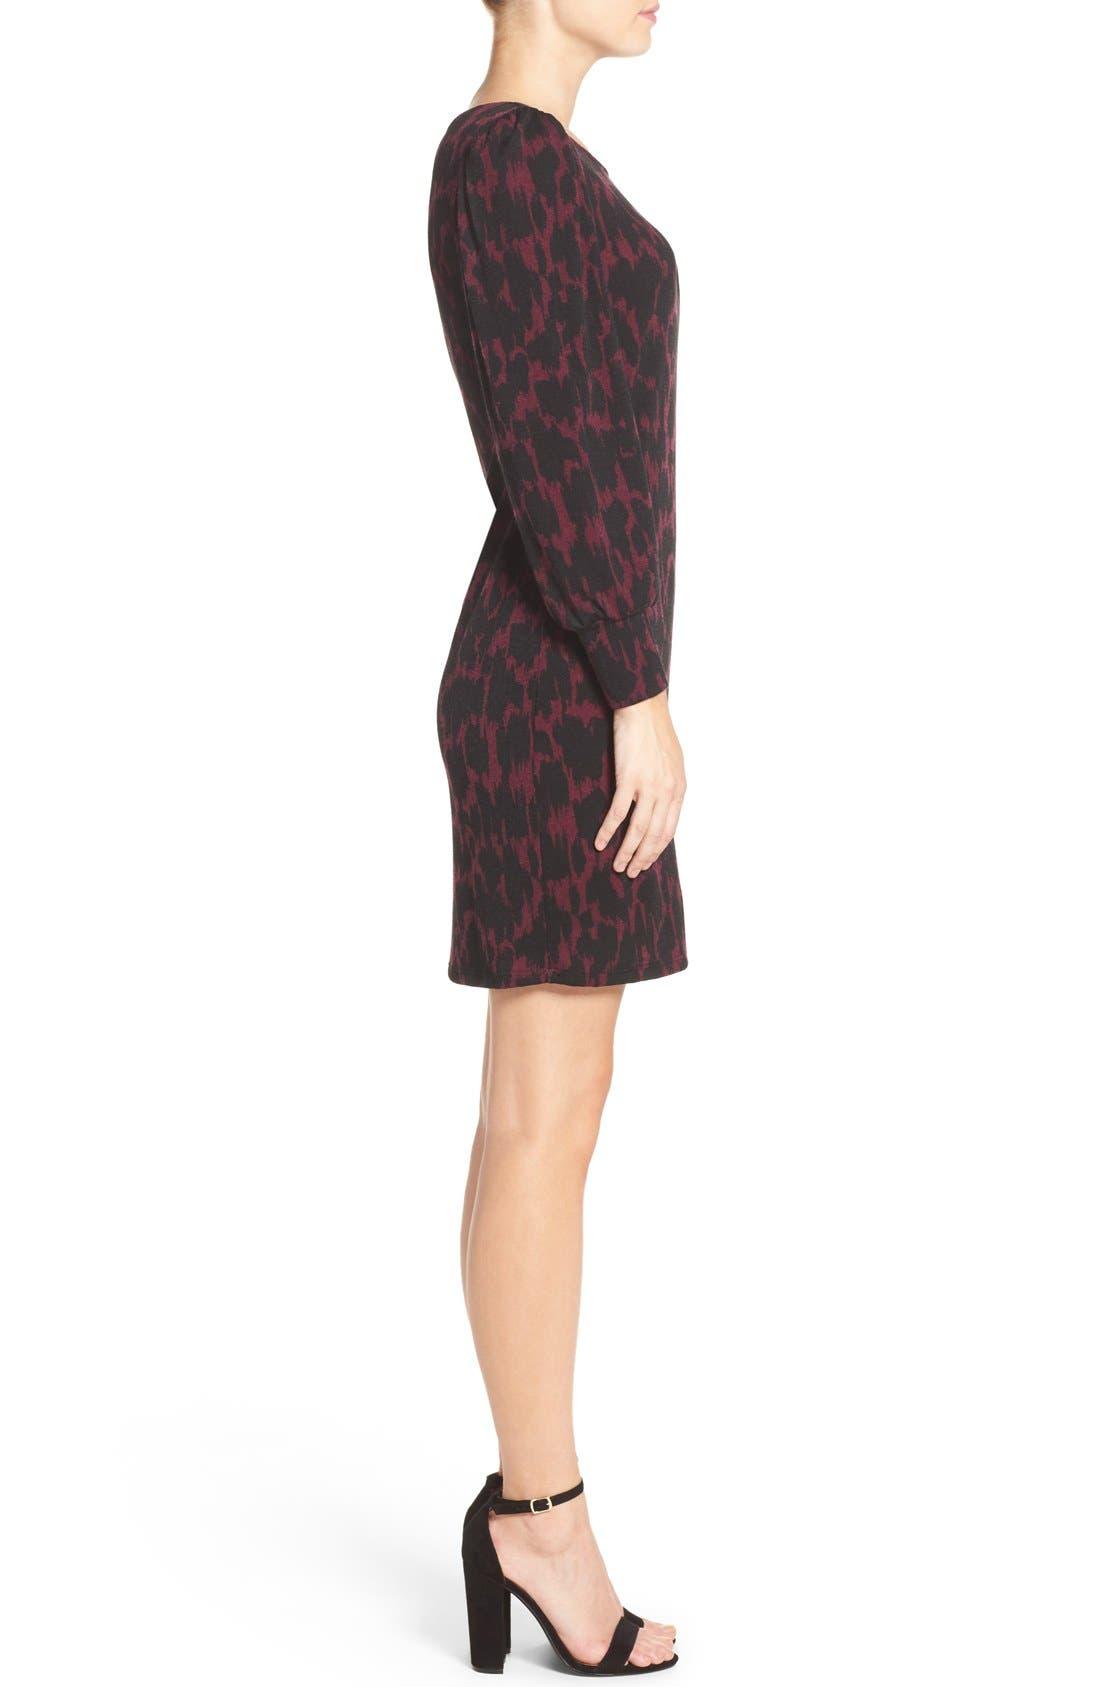 LEOTA,                             'Kate' Static Print Jersey Shift Dress,                             Alternate thumbnail 3, color,                             006